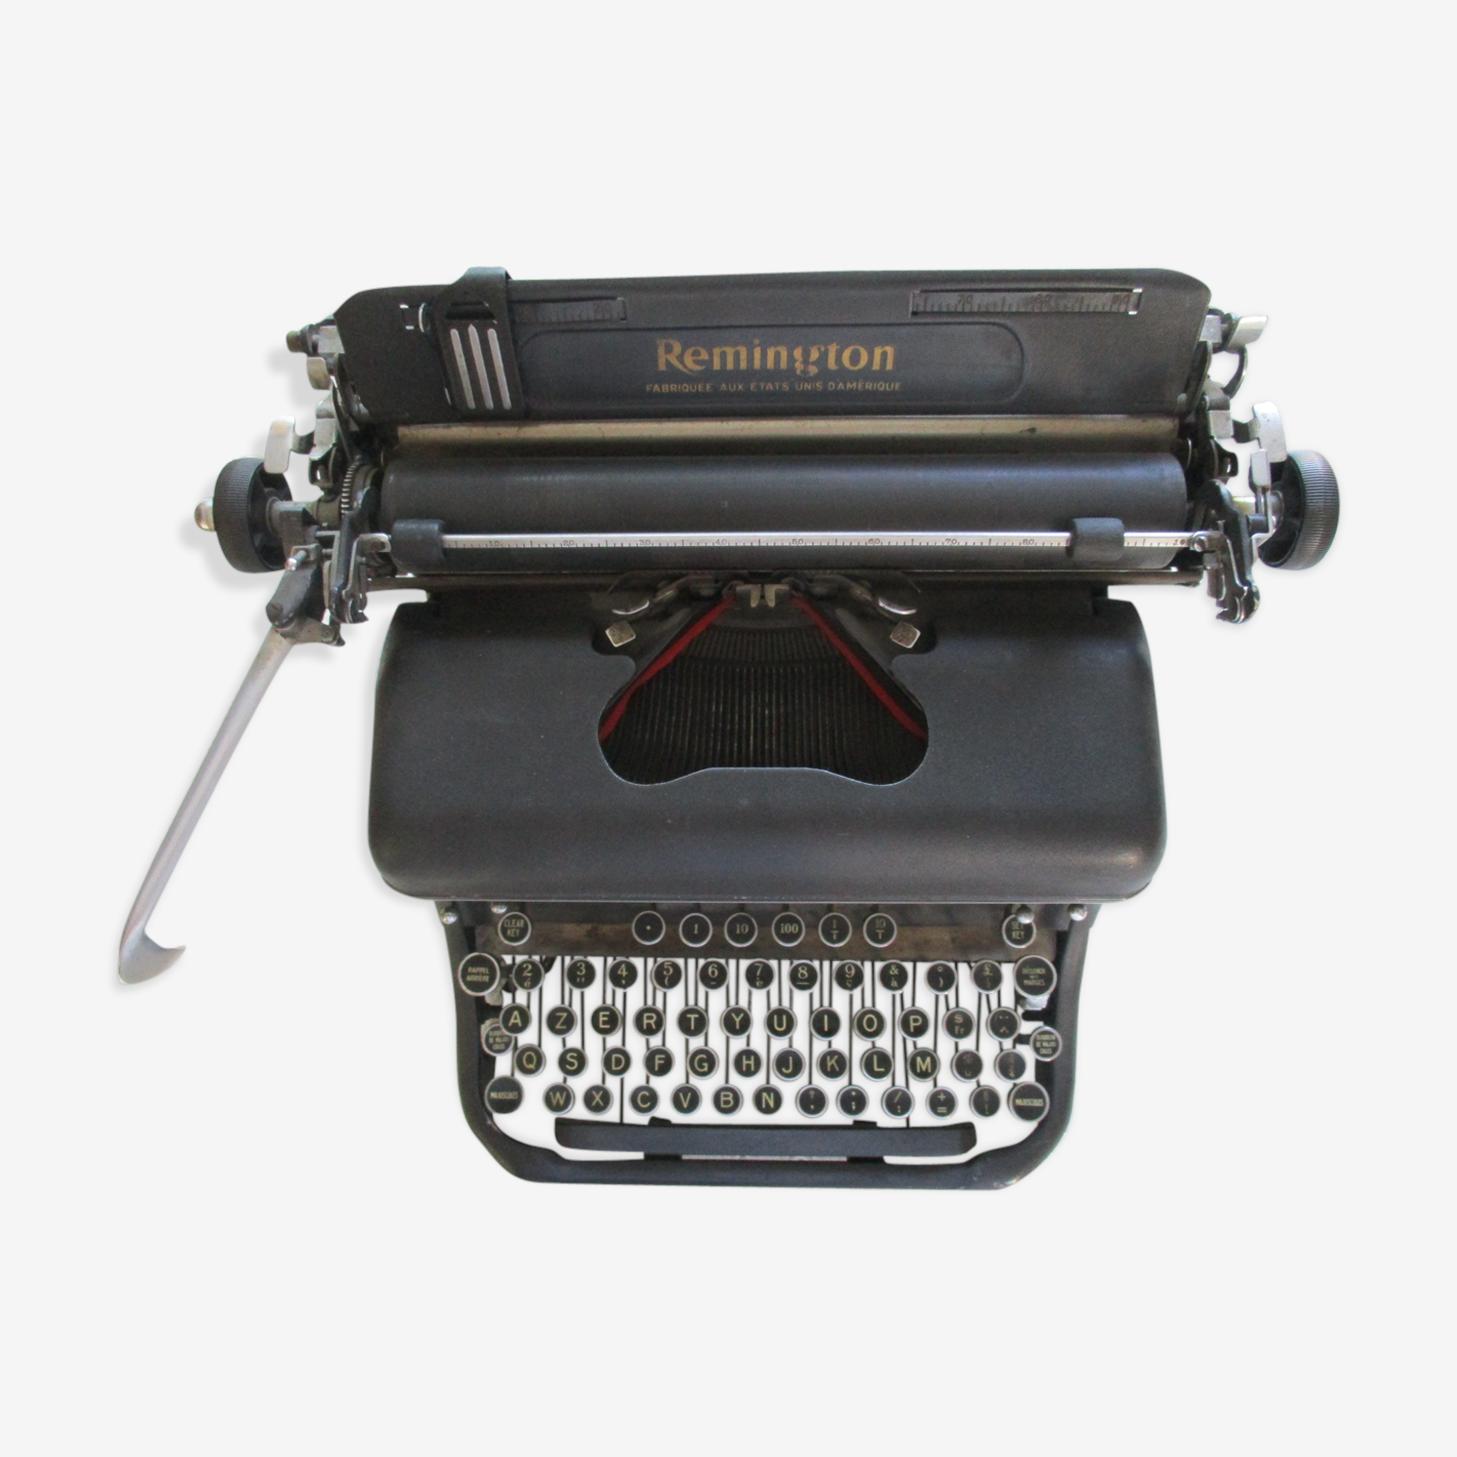 Machine à écrire Remington modèle 17 fabriquée aux Etats Unis d'Amérique